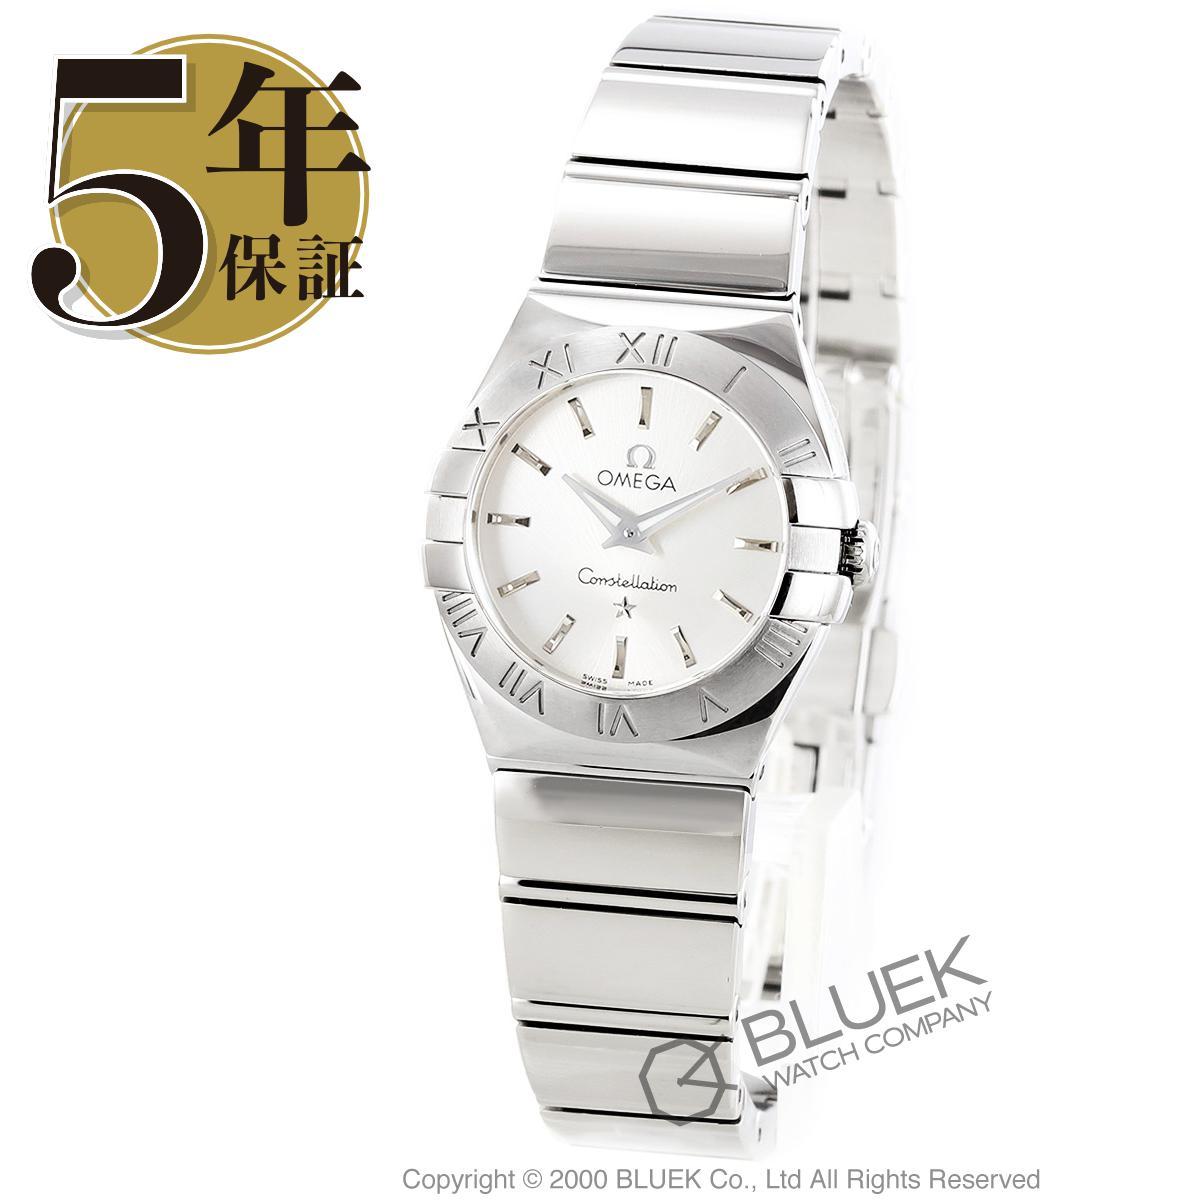 腕時計, レディース腕時計  OMEGA 123.10.24.60.02.0025